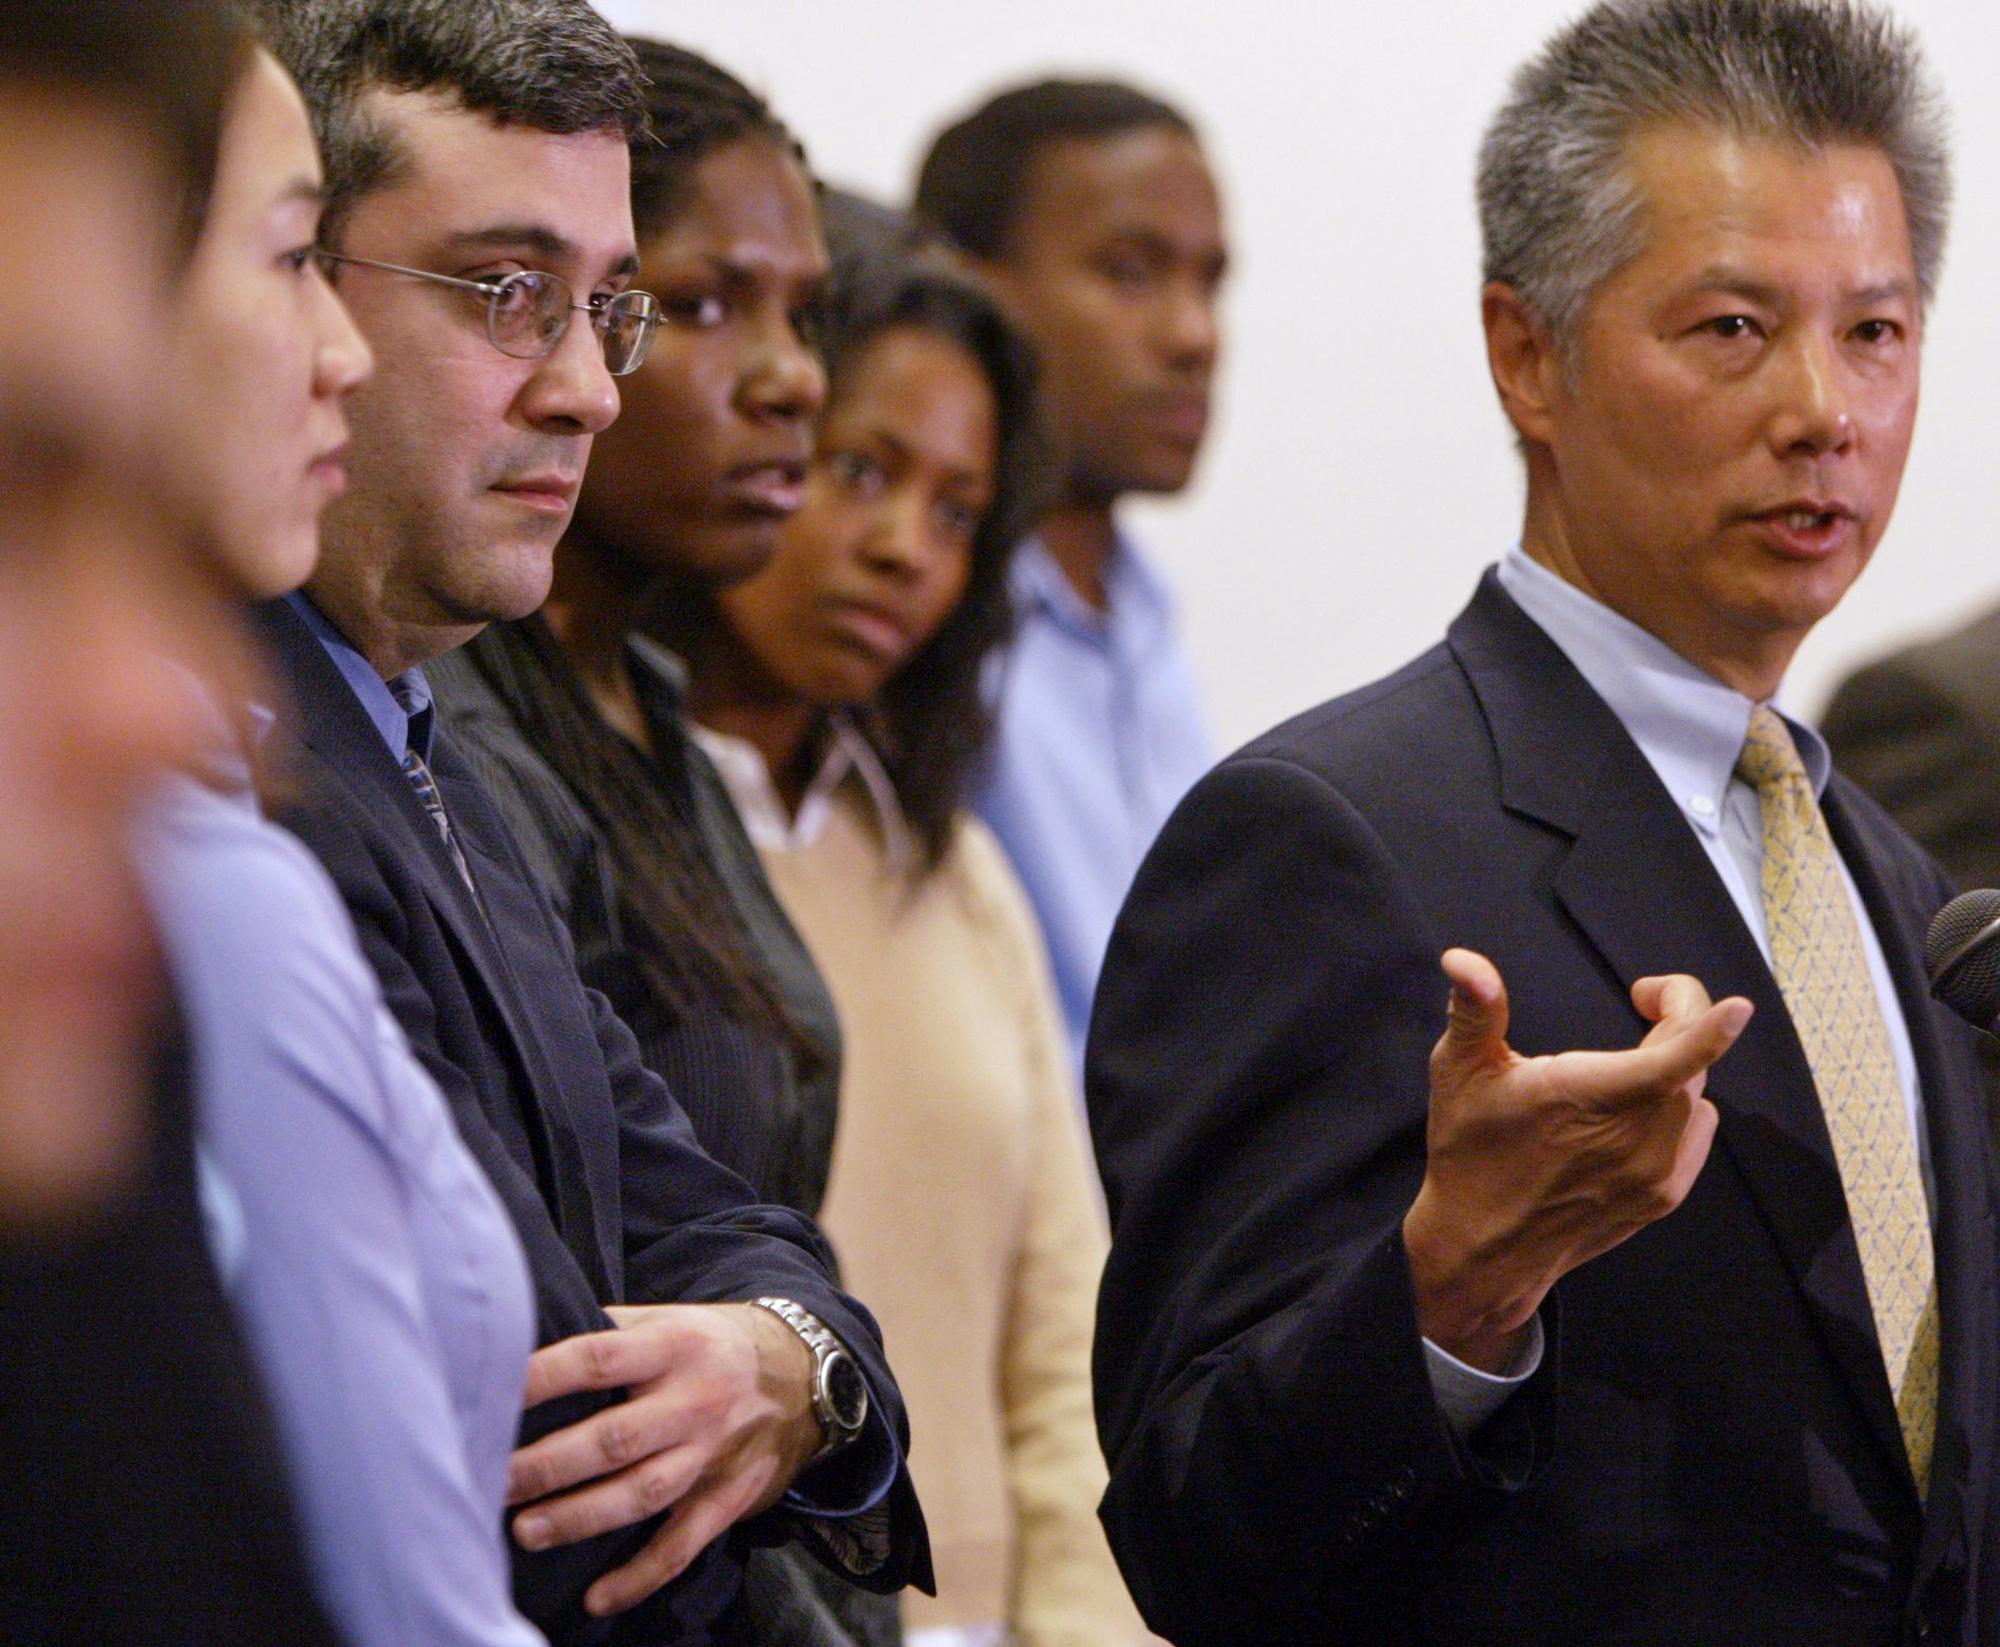 前司法部助理部長李亮疇領銜的律師團隊,代表黑人、西語裔與亞裔雇員,向知名服裝品牌 Abercrombie & Fitch提起訴訟,該公司於2004年同意支佉4000萬元和解。(美聯社)